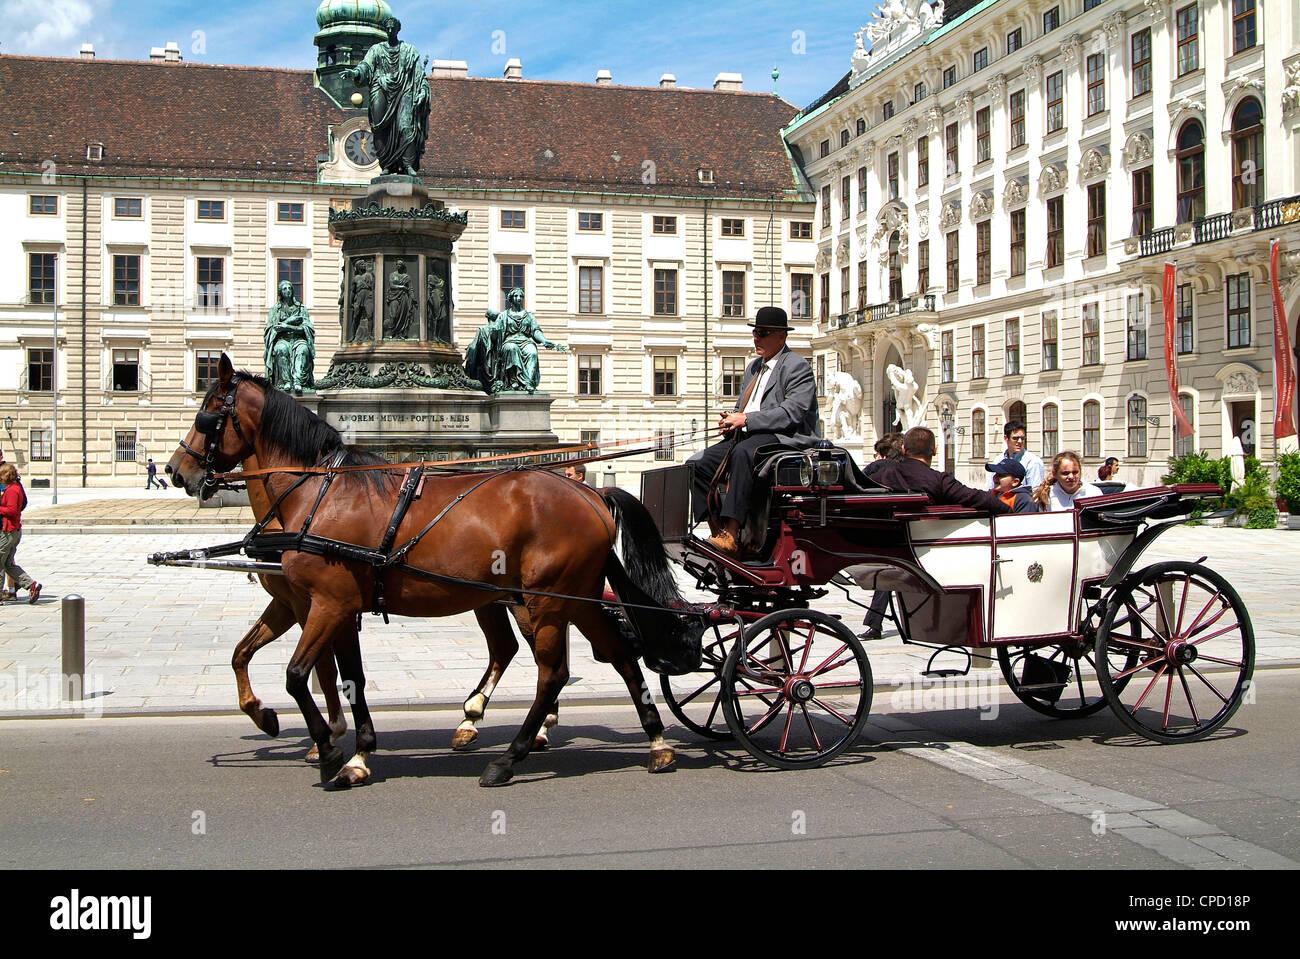 Balade en calèche à la Hofburg, Site du patrimoine mondial de l'UNESCO, Vienne, Autriche, Europe Banque D'Images